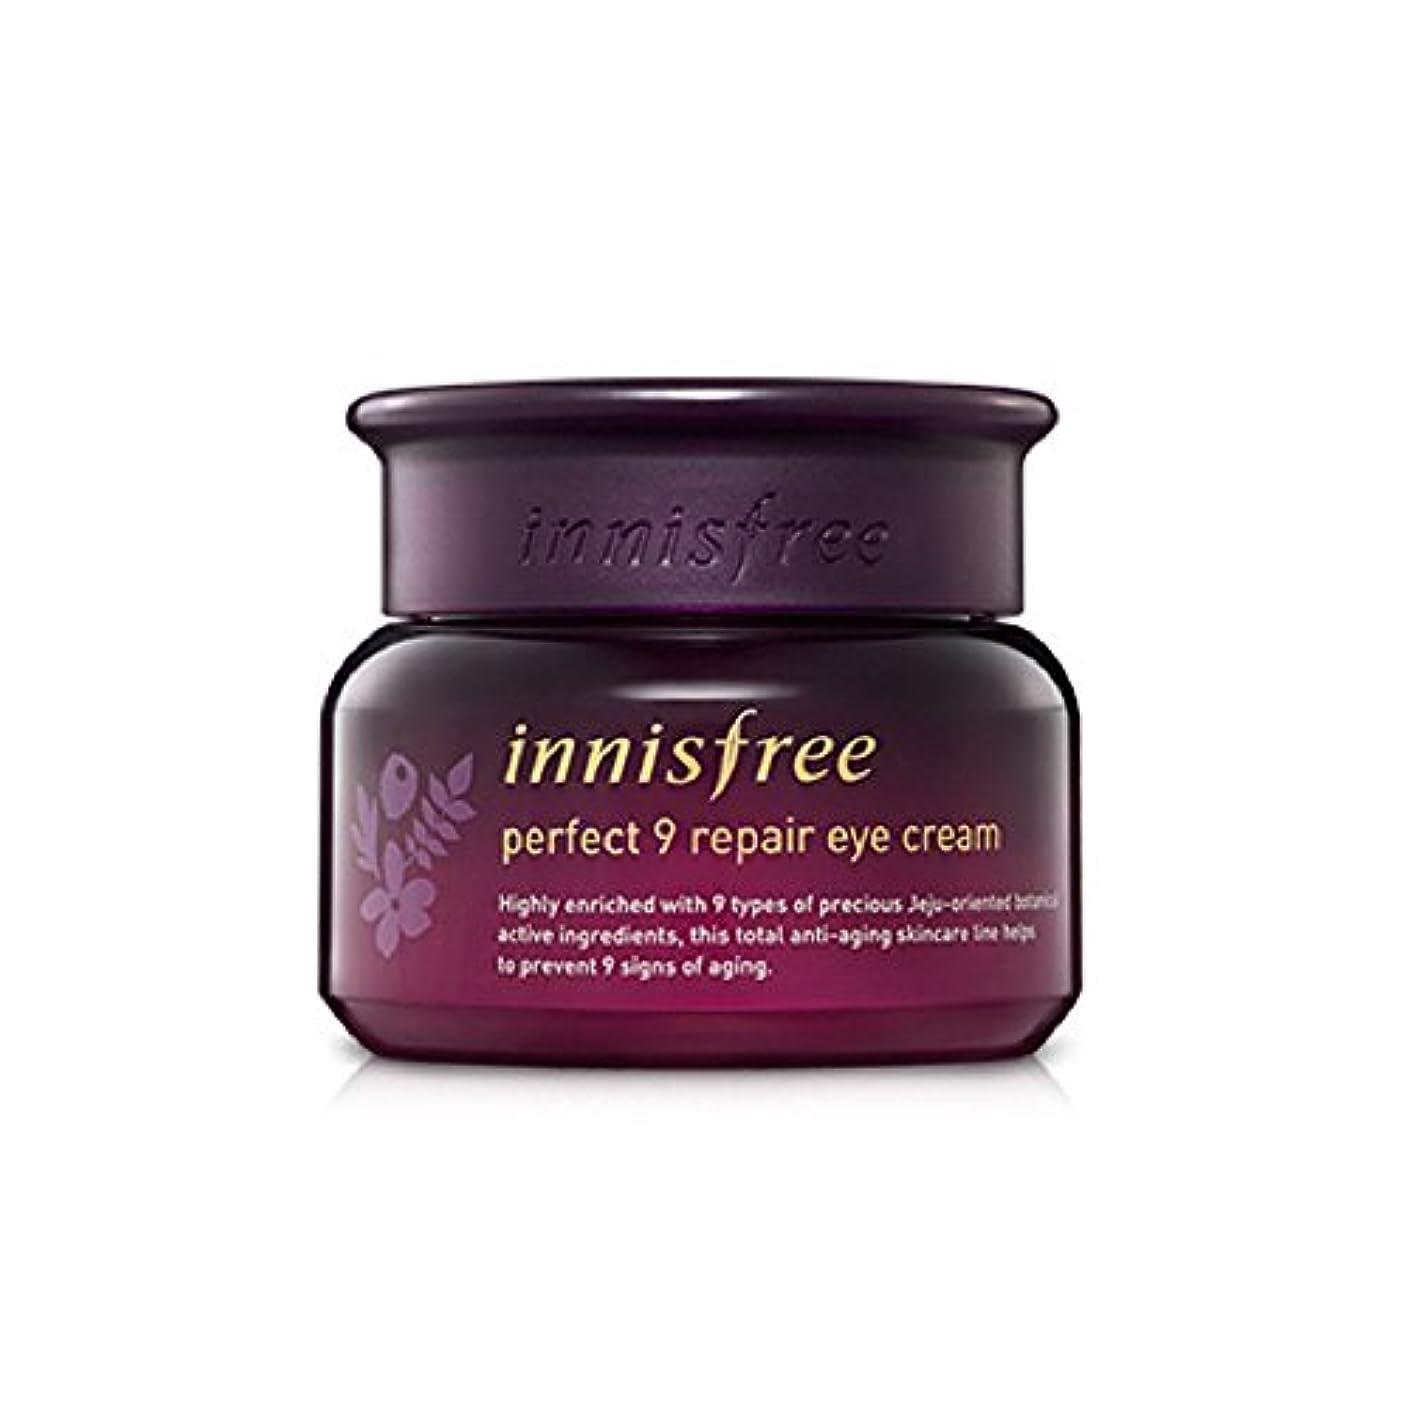 事前に過半数寝るイニスフリー Innisfree パーフェクト9 リペアアイクリーム(30ml) Innisfree Perfect 9 Repair Eye Cream(30ml) [海外直送品]